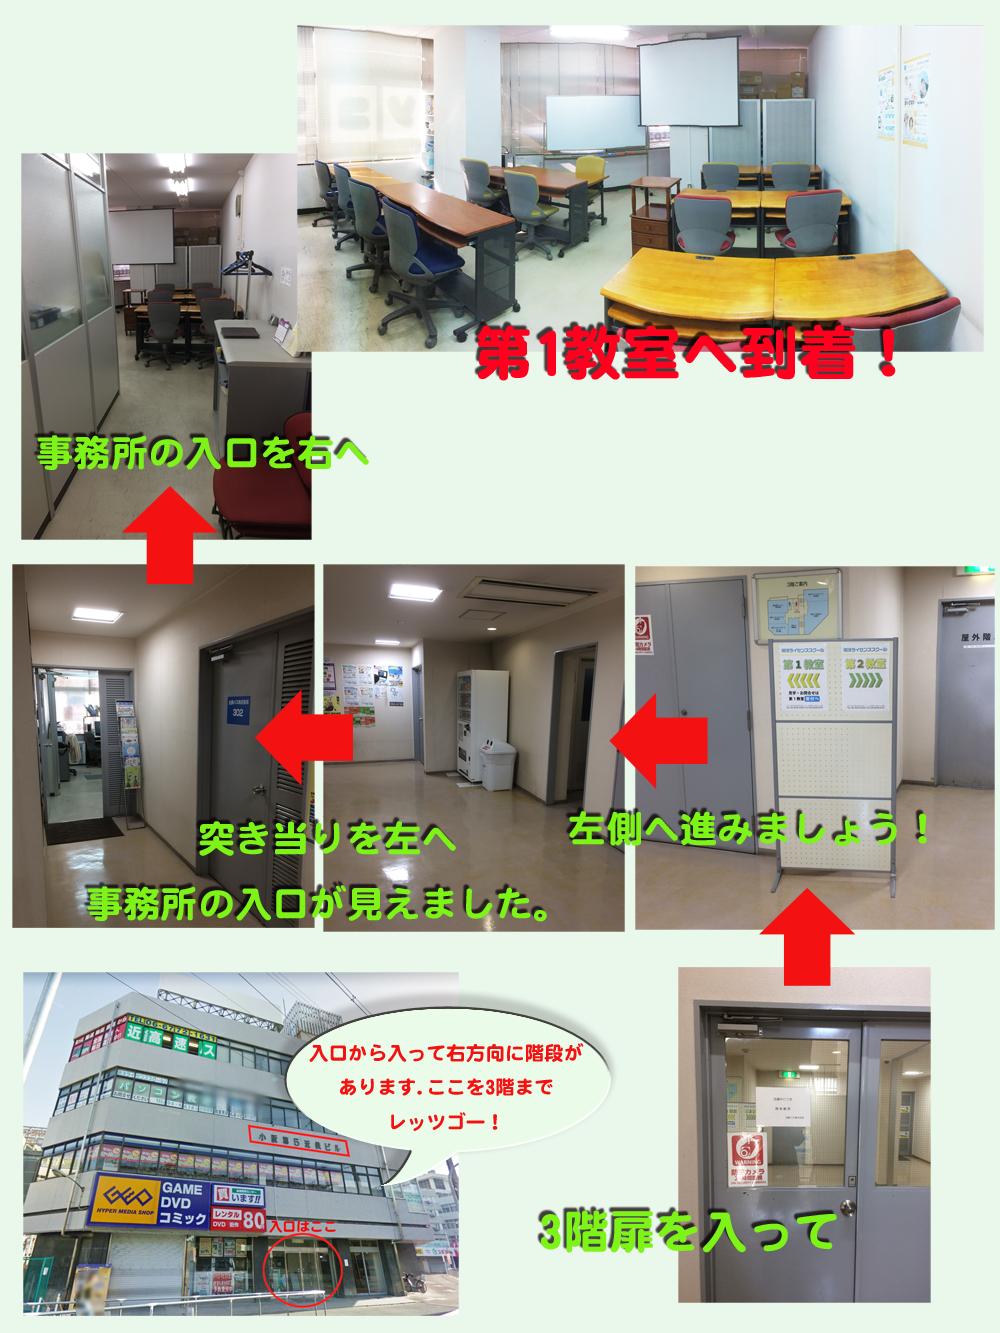 明洋ライセンススクールの第1教室